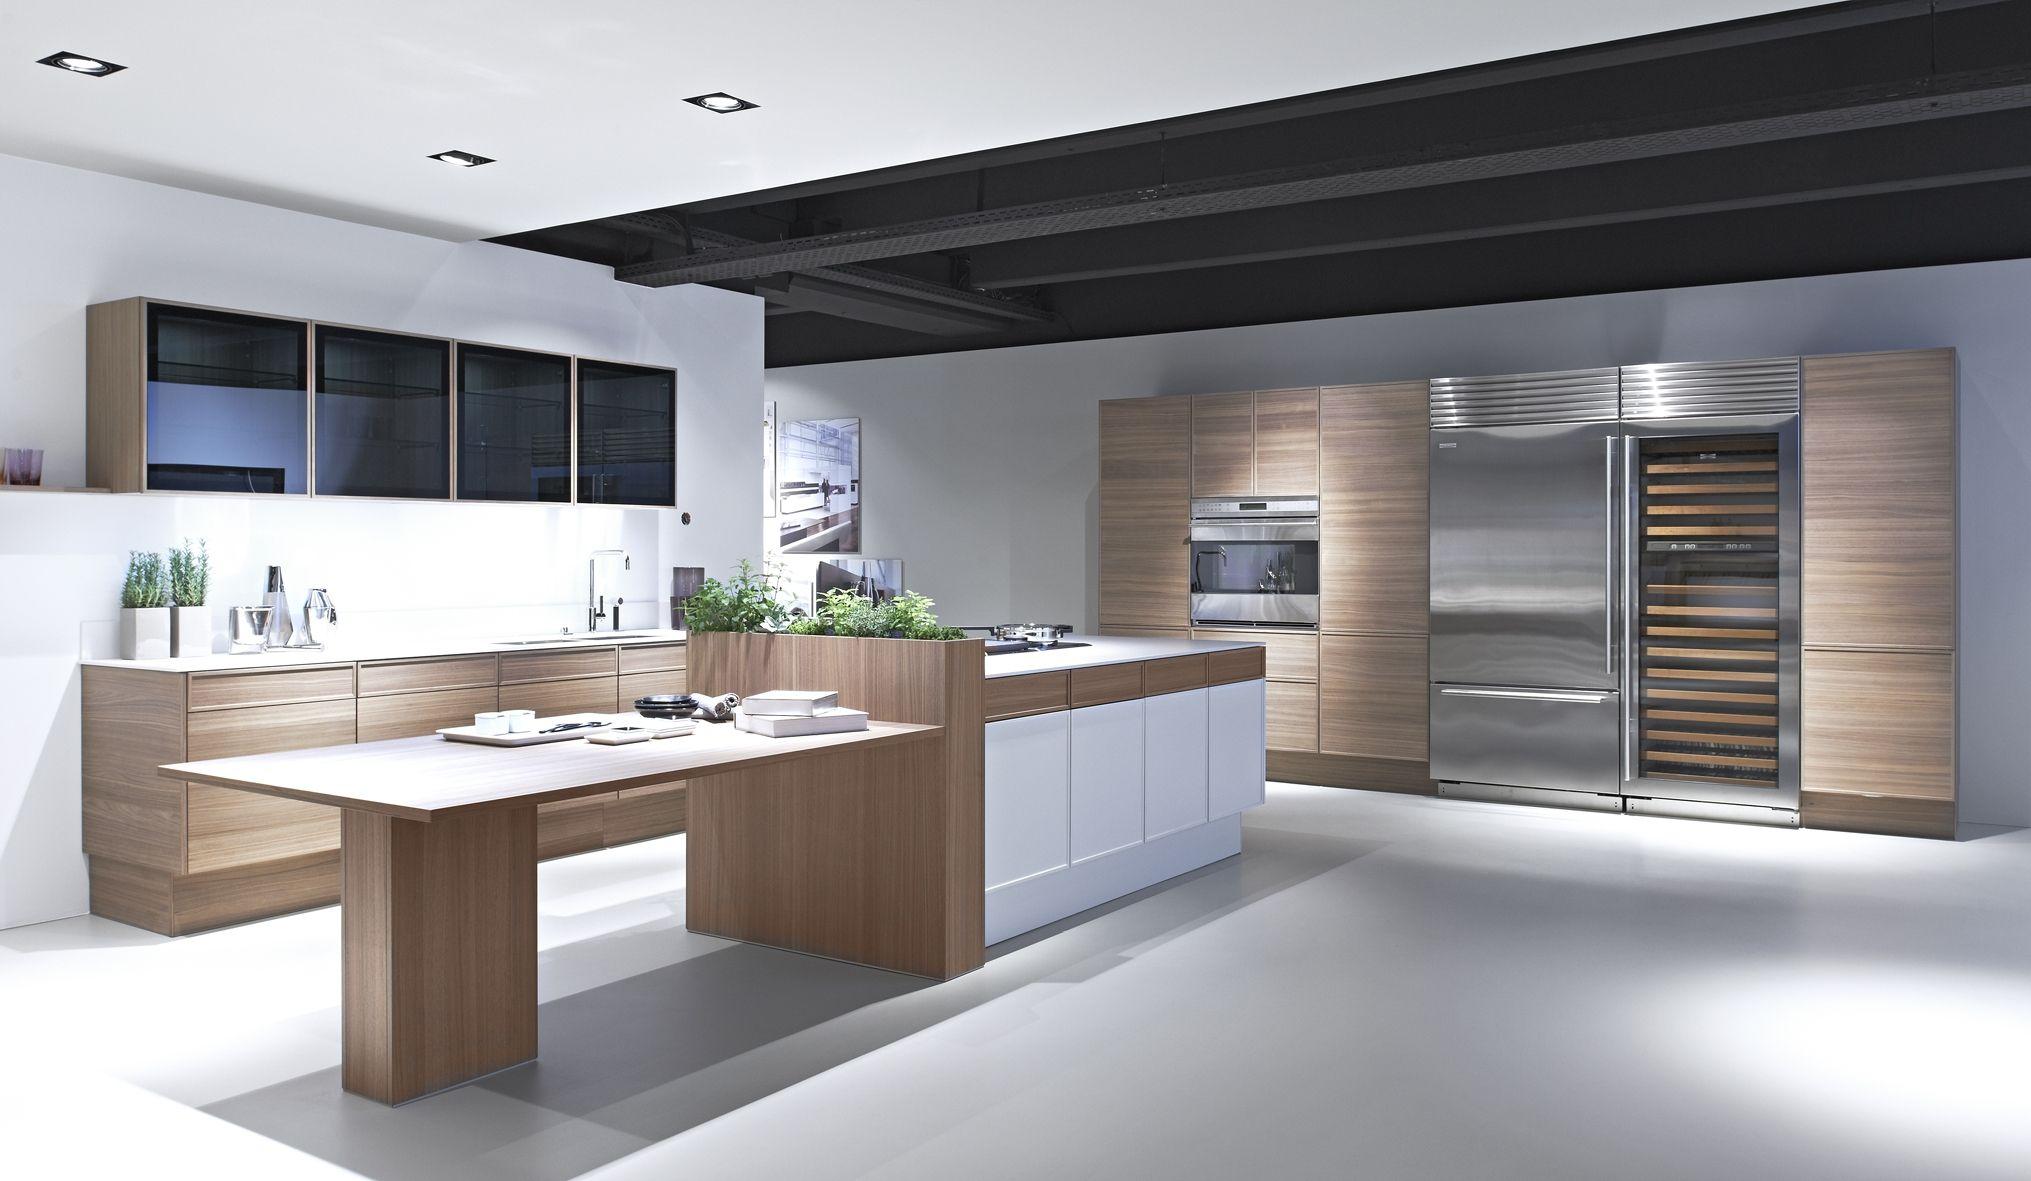 Image Result For Poggenpohl Keukens German Kitchen Design Interior Design Kitchen Kitchen Interior